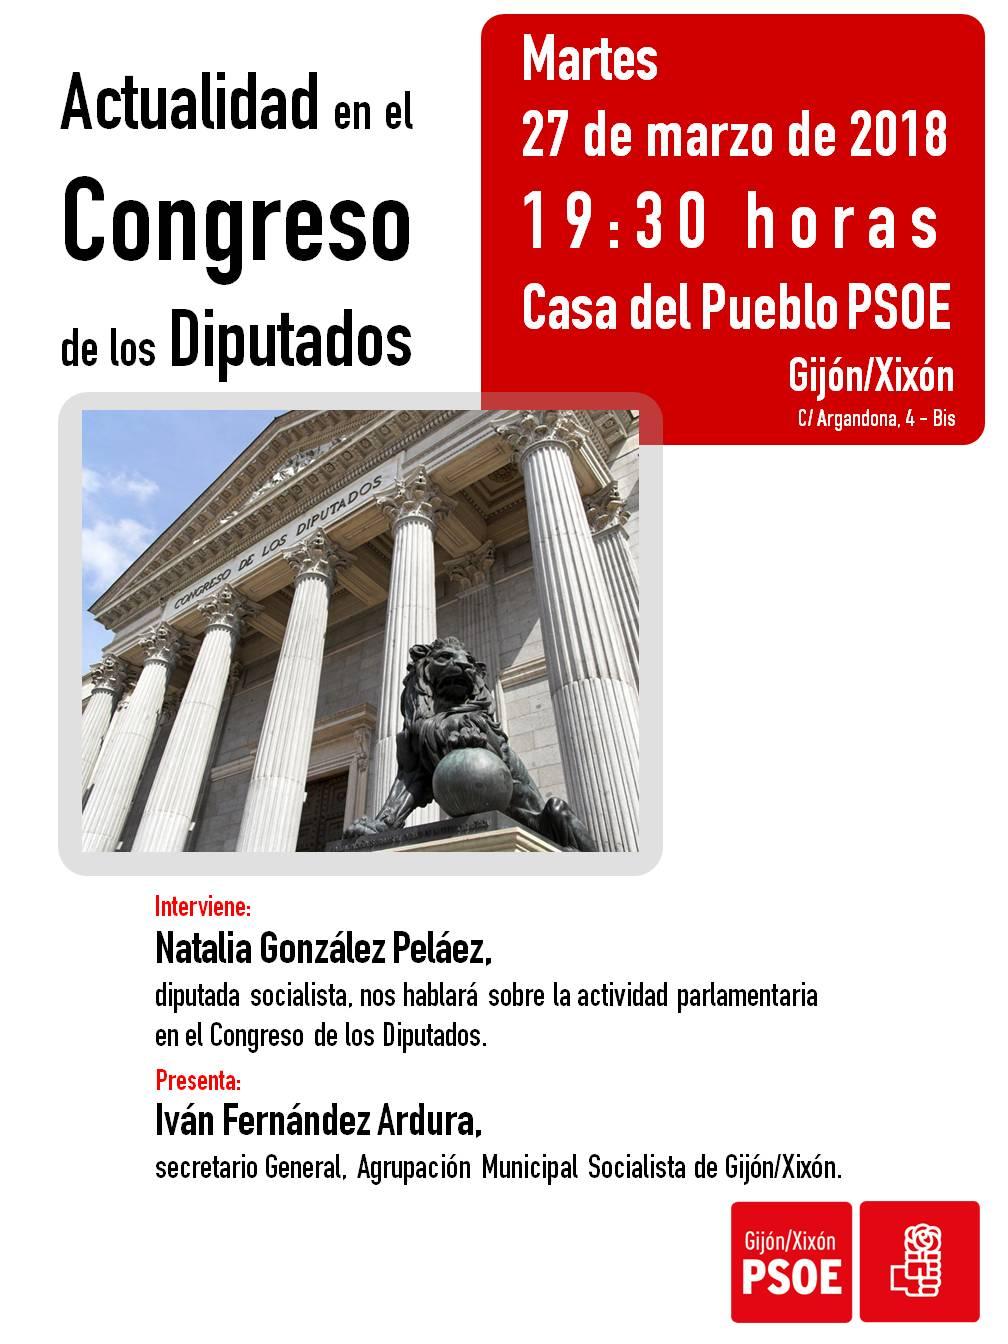 180327_Actualidad_Congreso_Diputados